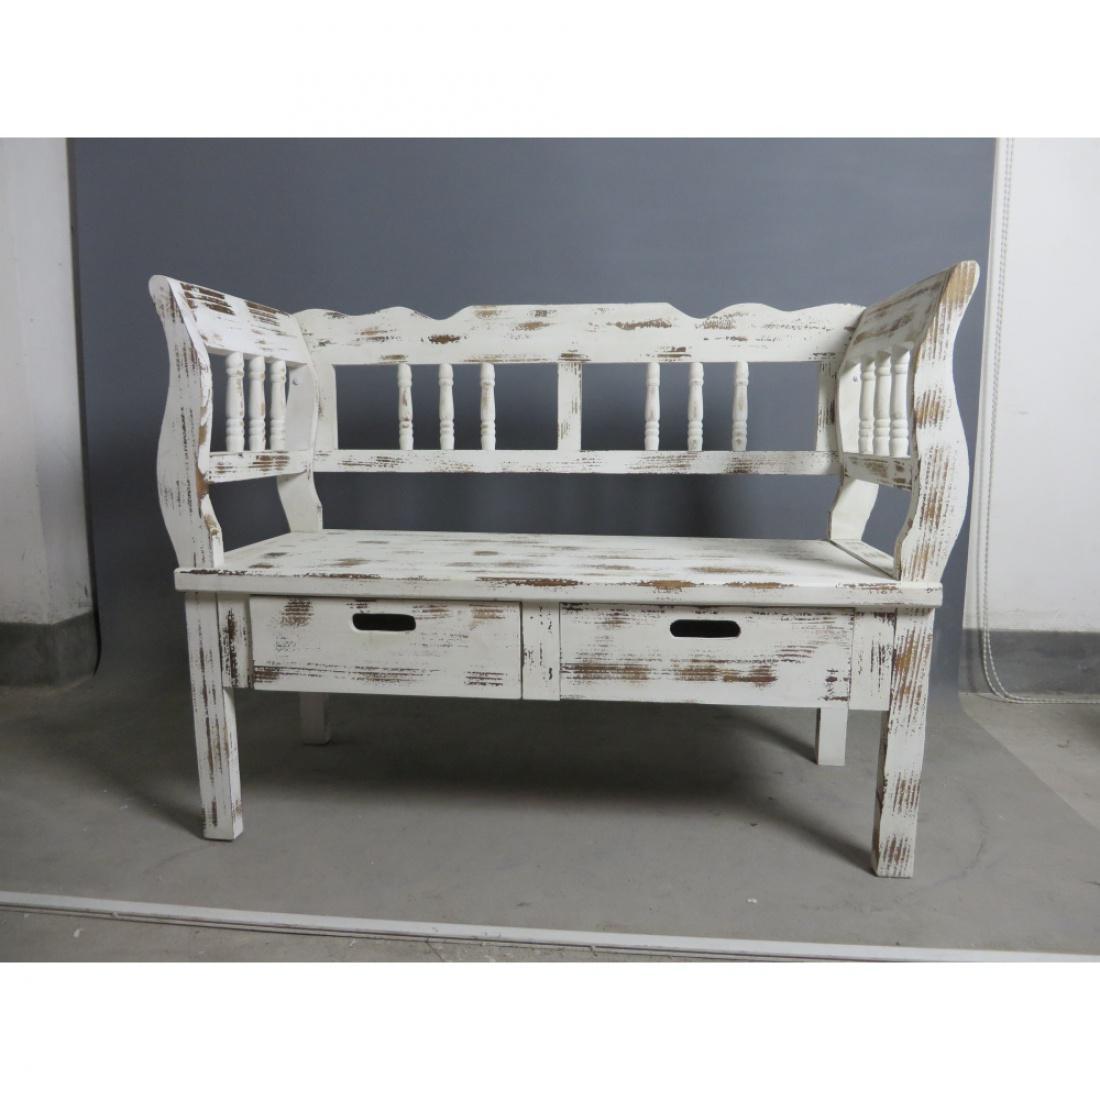 sitzbank 01 mit 2 schubladen verschiedene farben 105 x 80. Black Bedroom Furniture Sets. Home Design Ideas